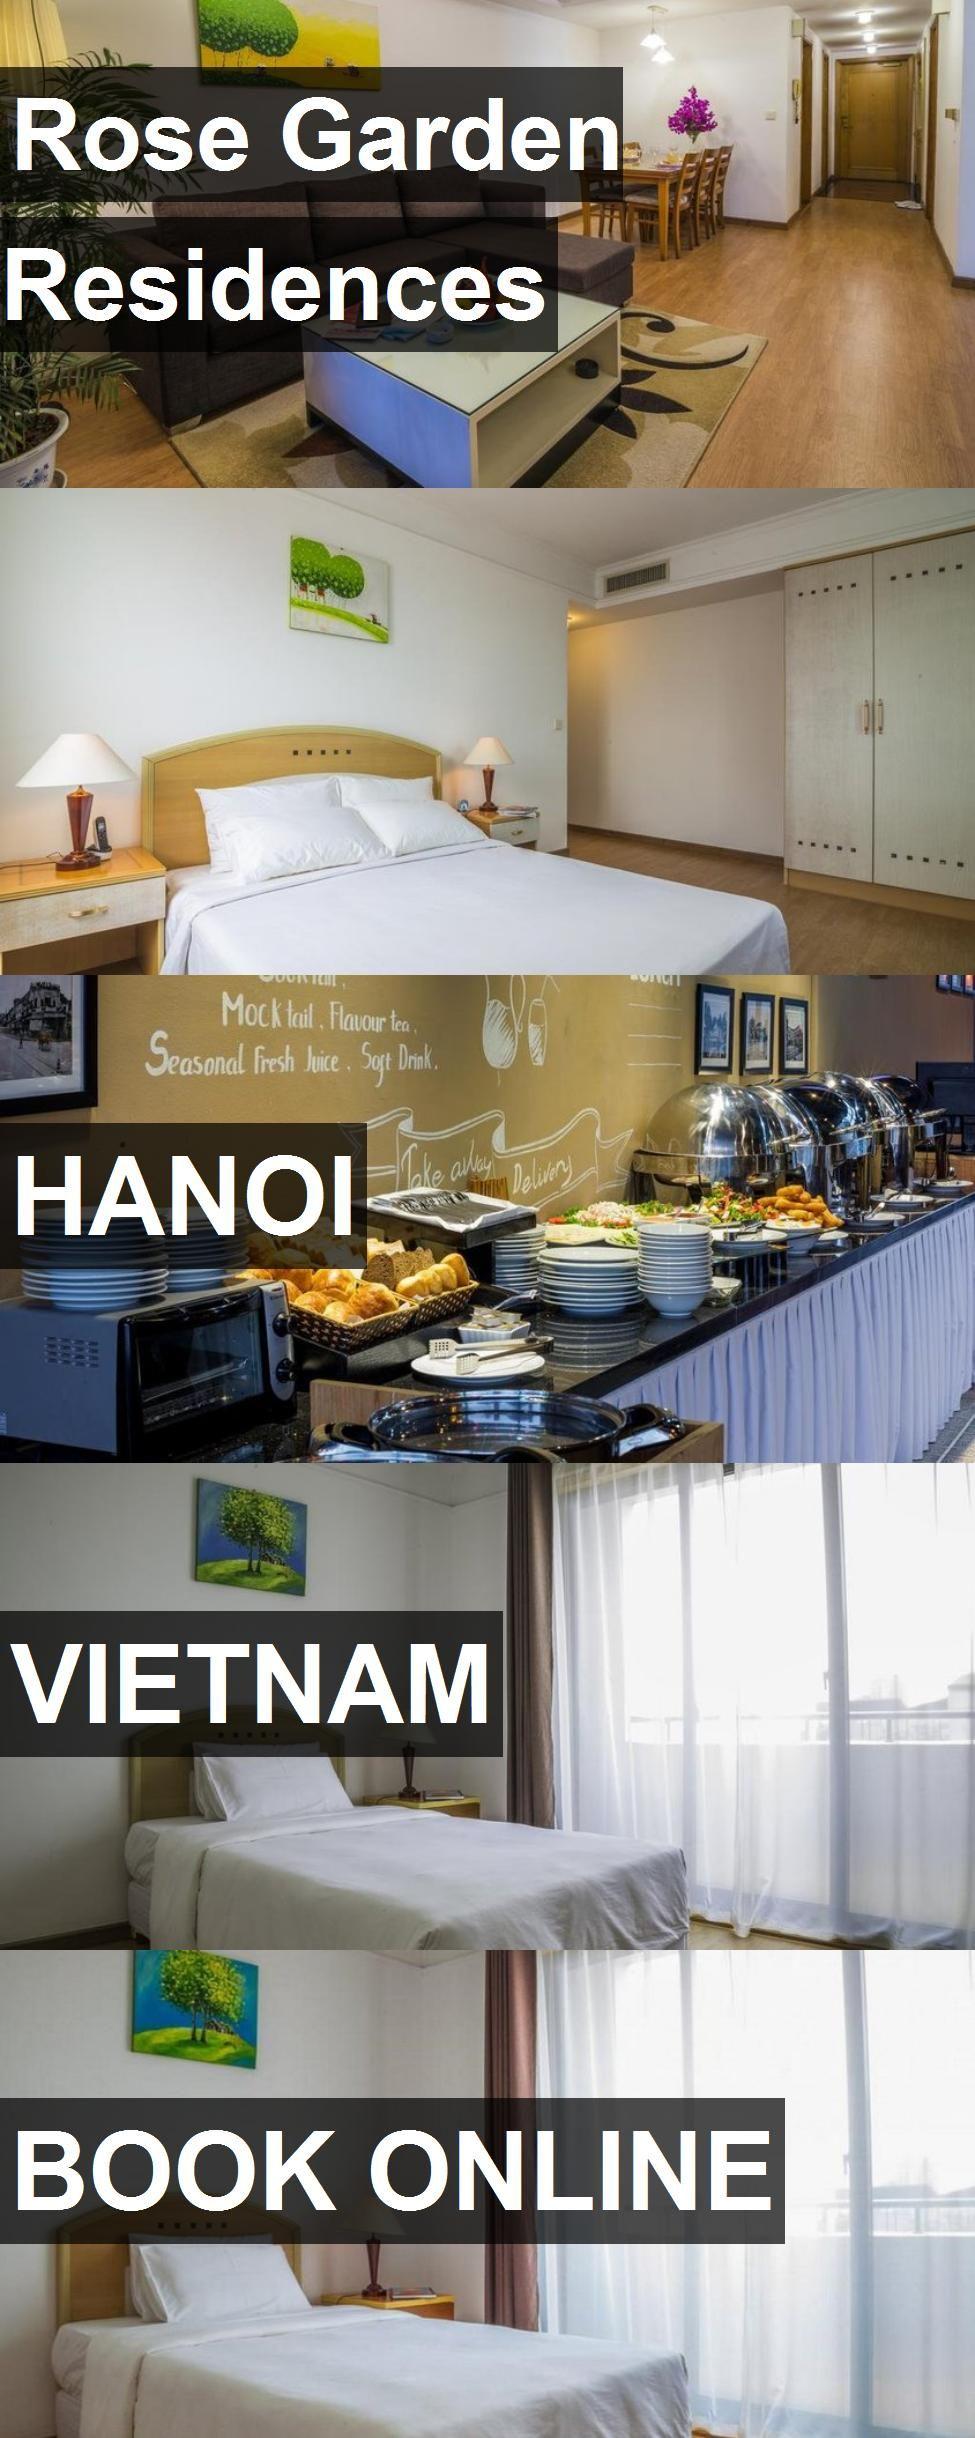 Hotel Rose Garden Residences in Hanoi, Vietnam. For more